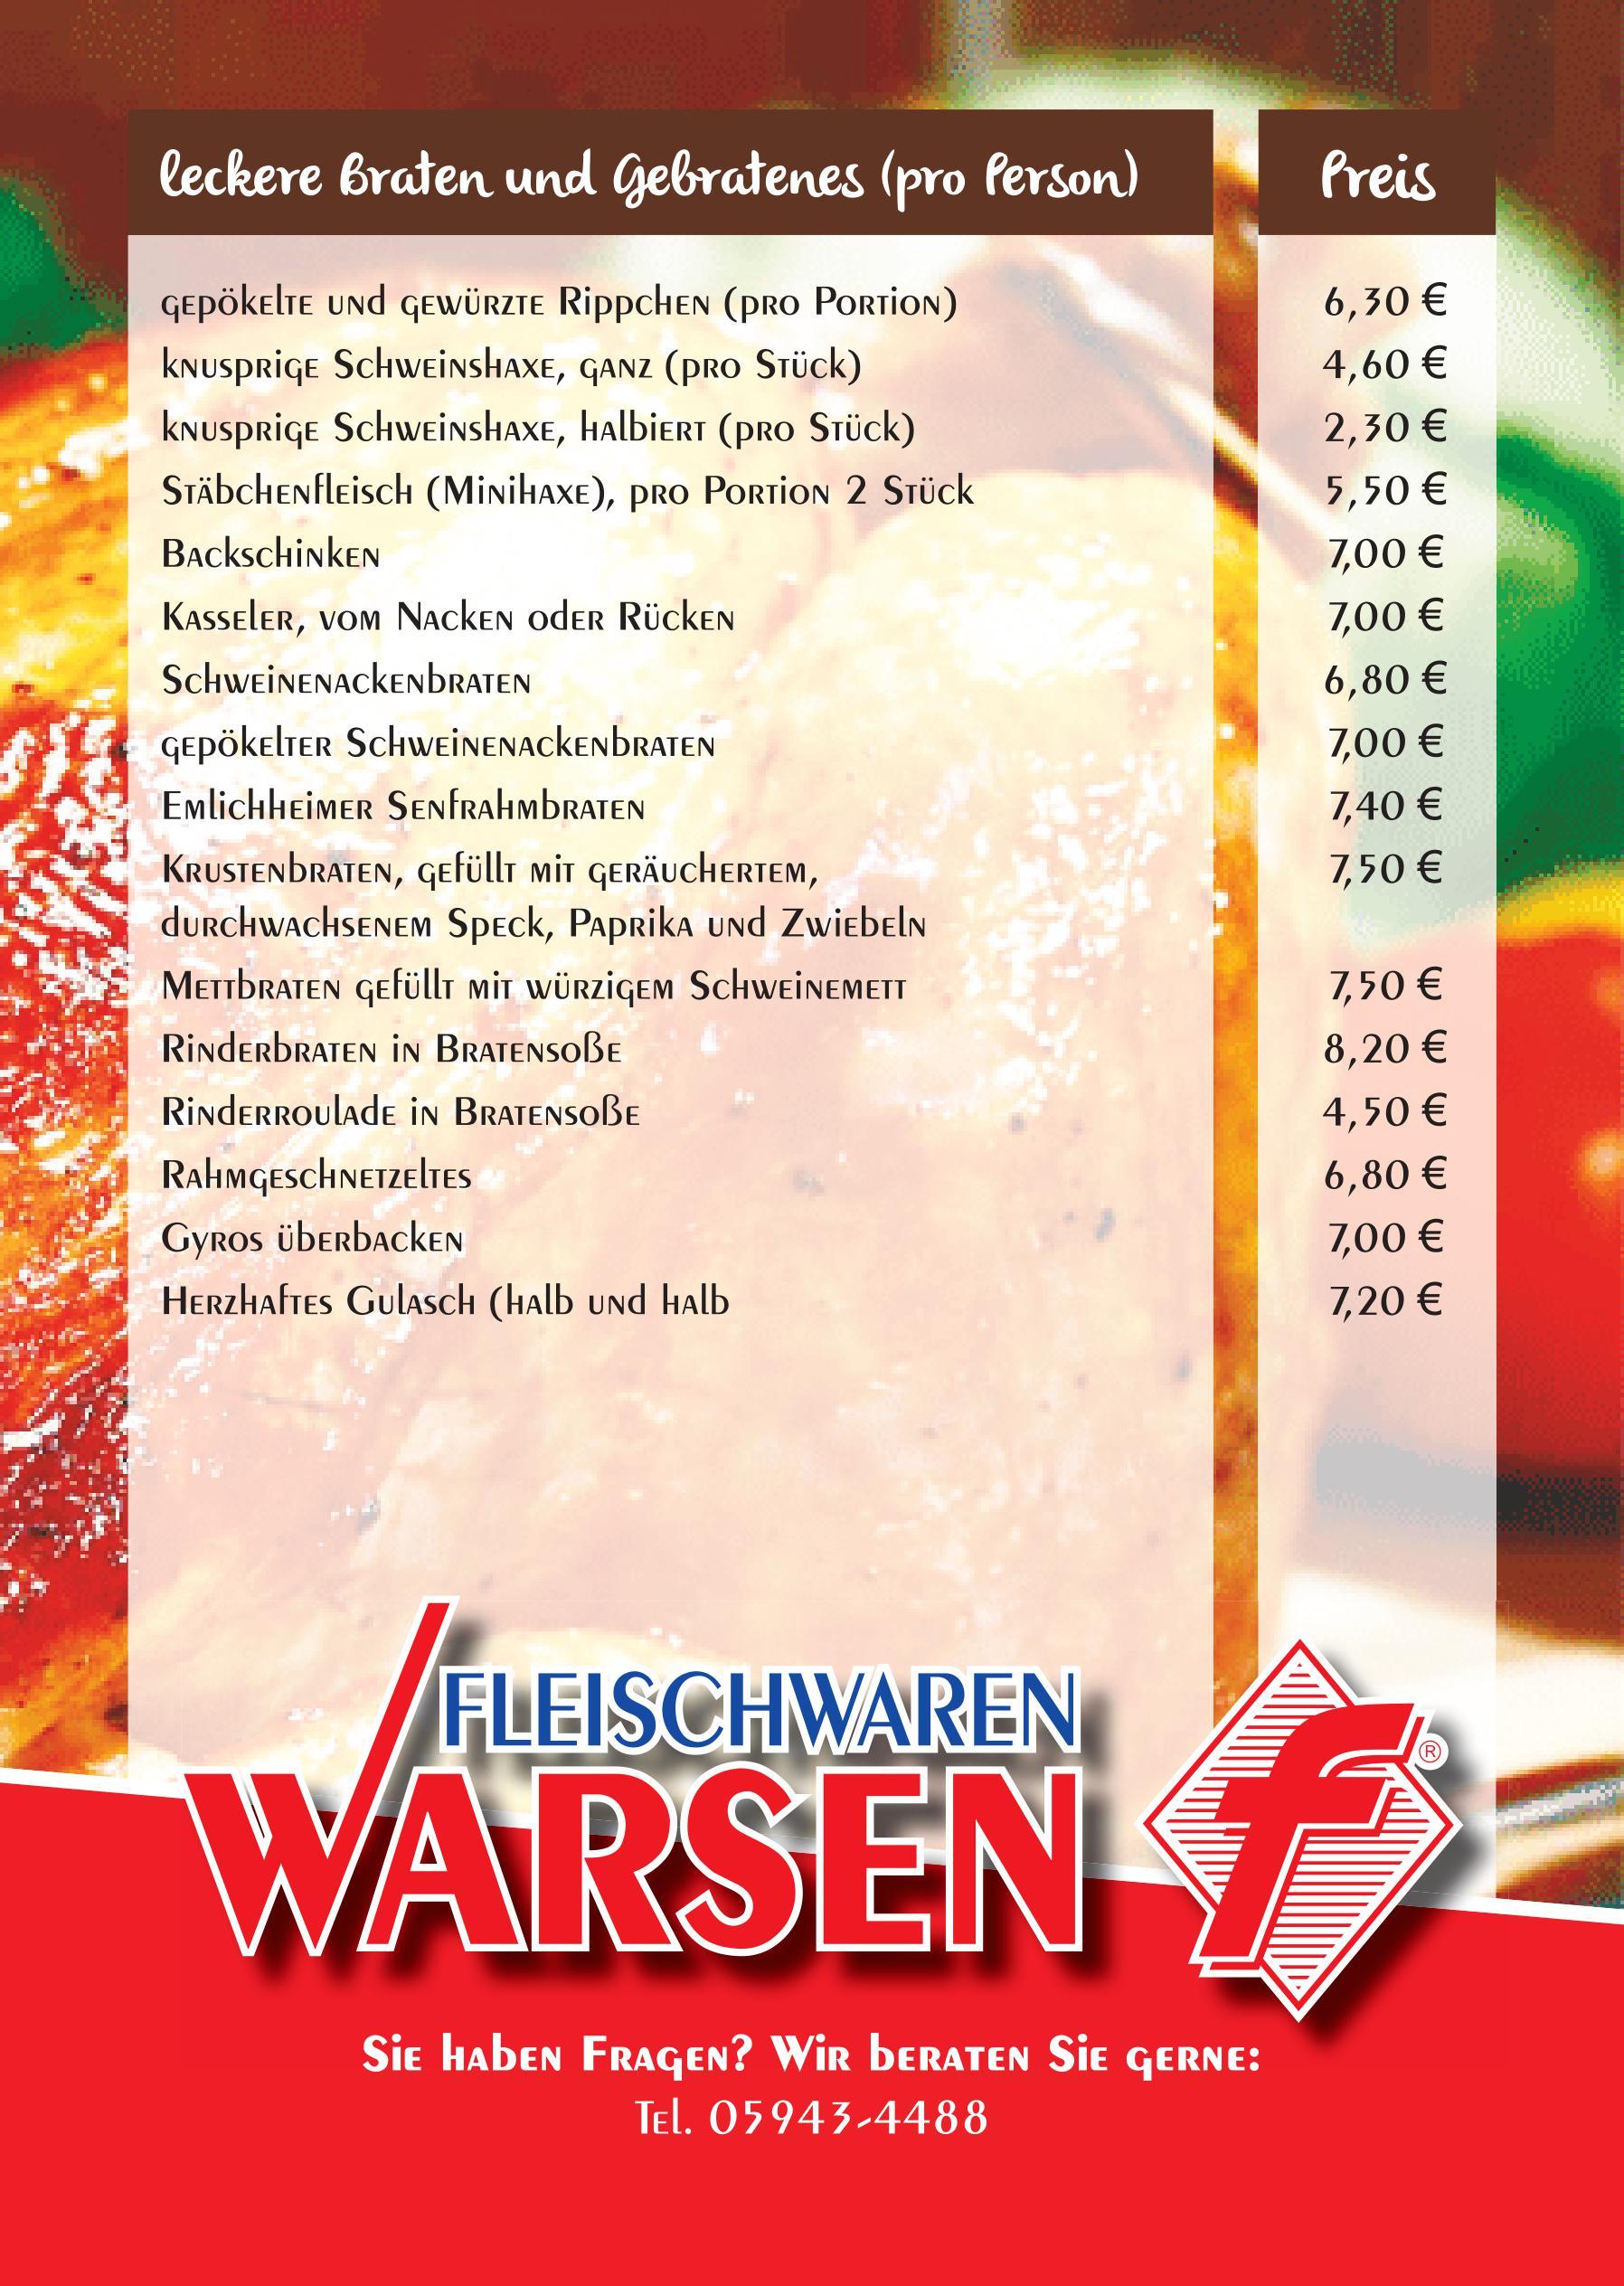 Partyserviceheft_Warsen_2019-Seite-4